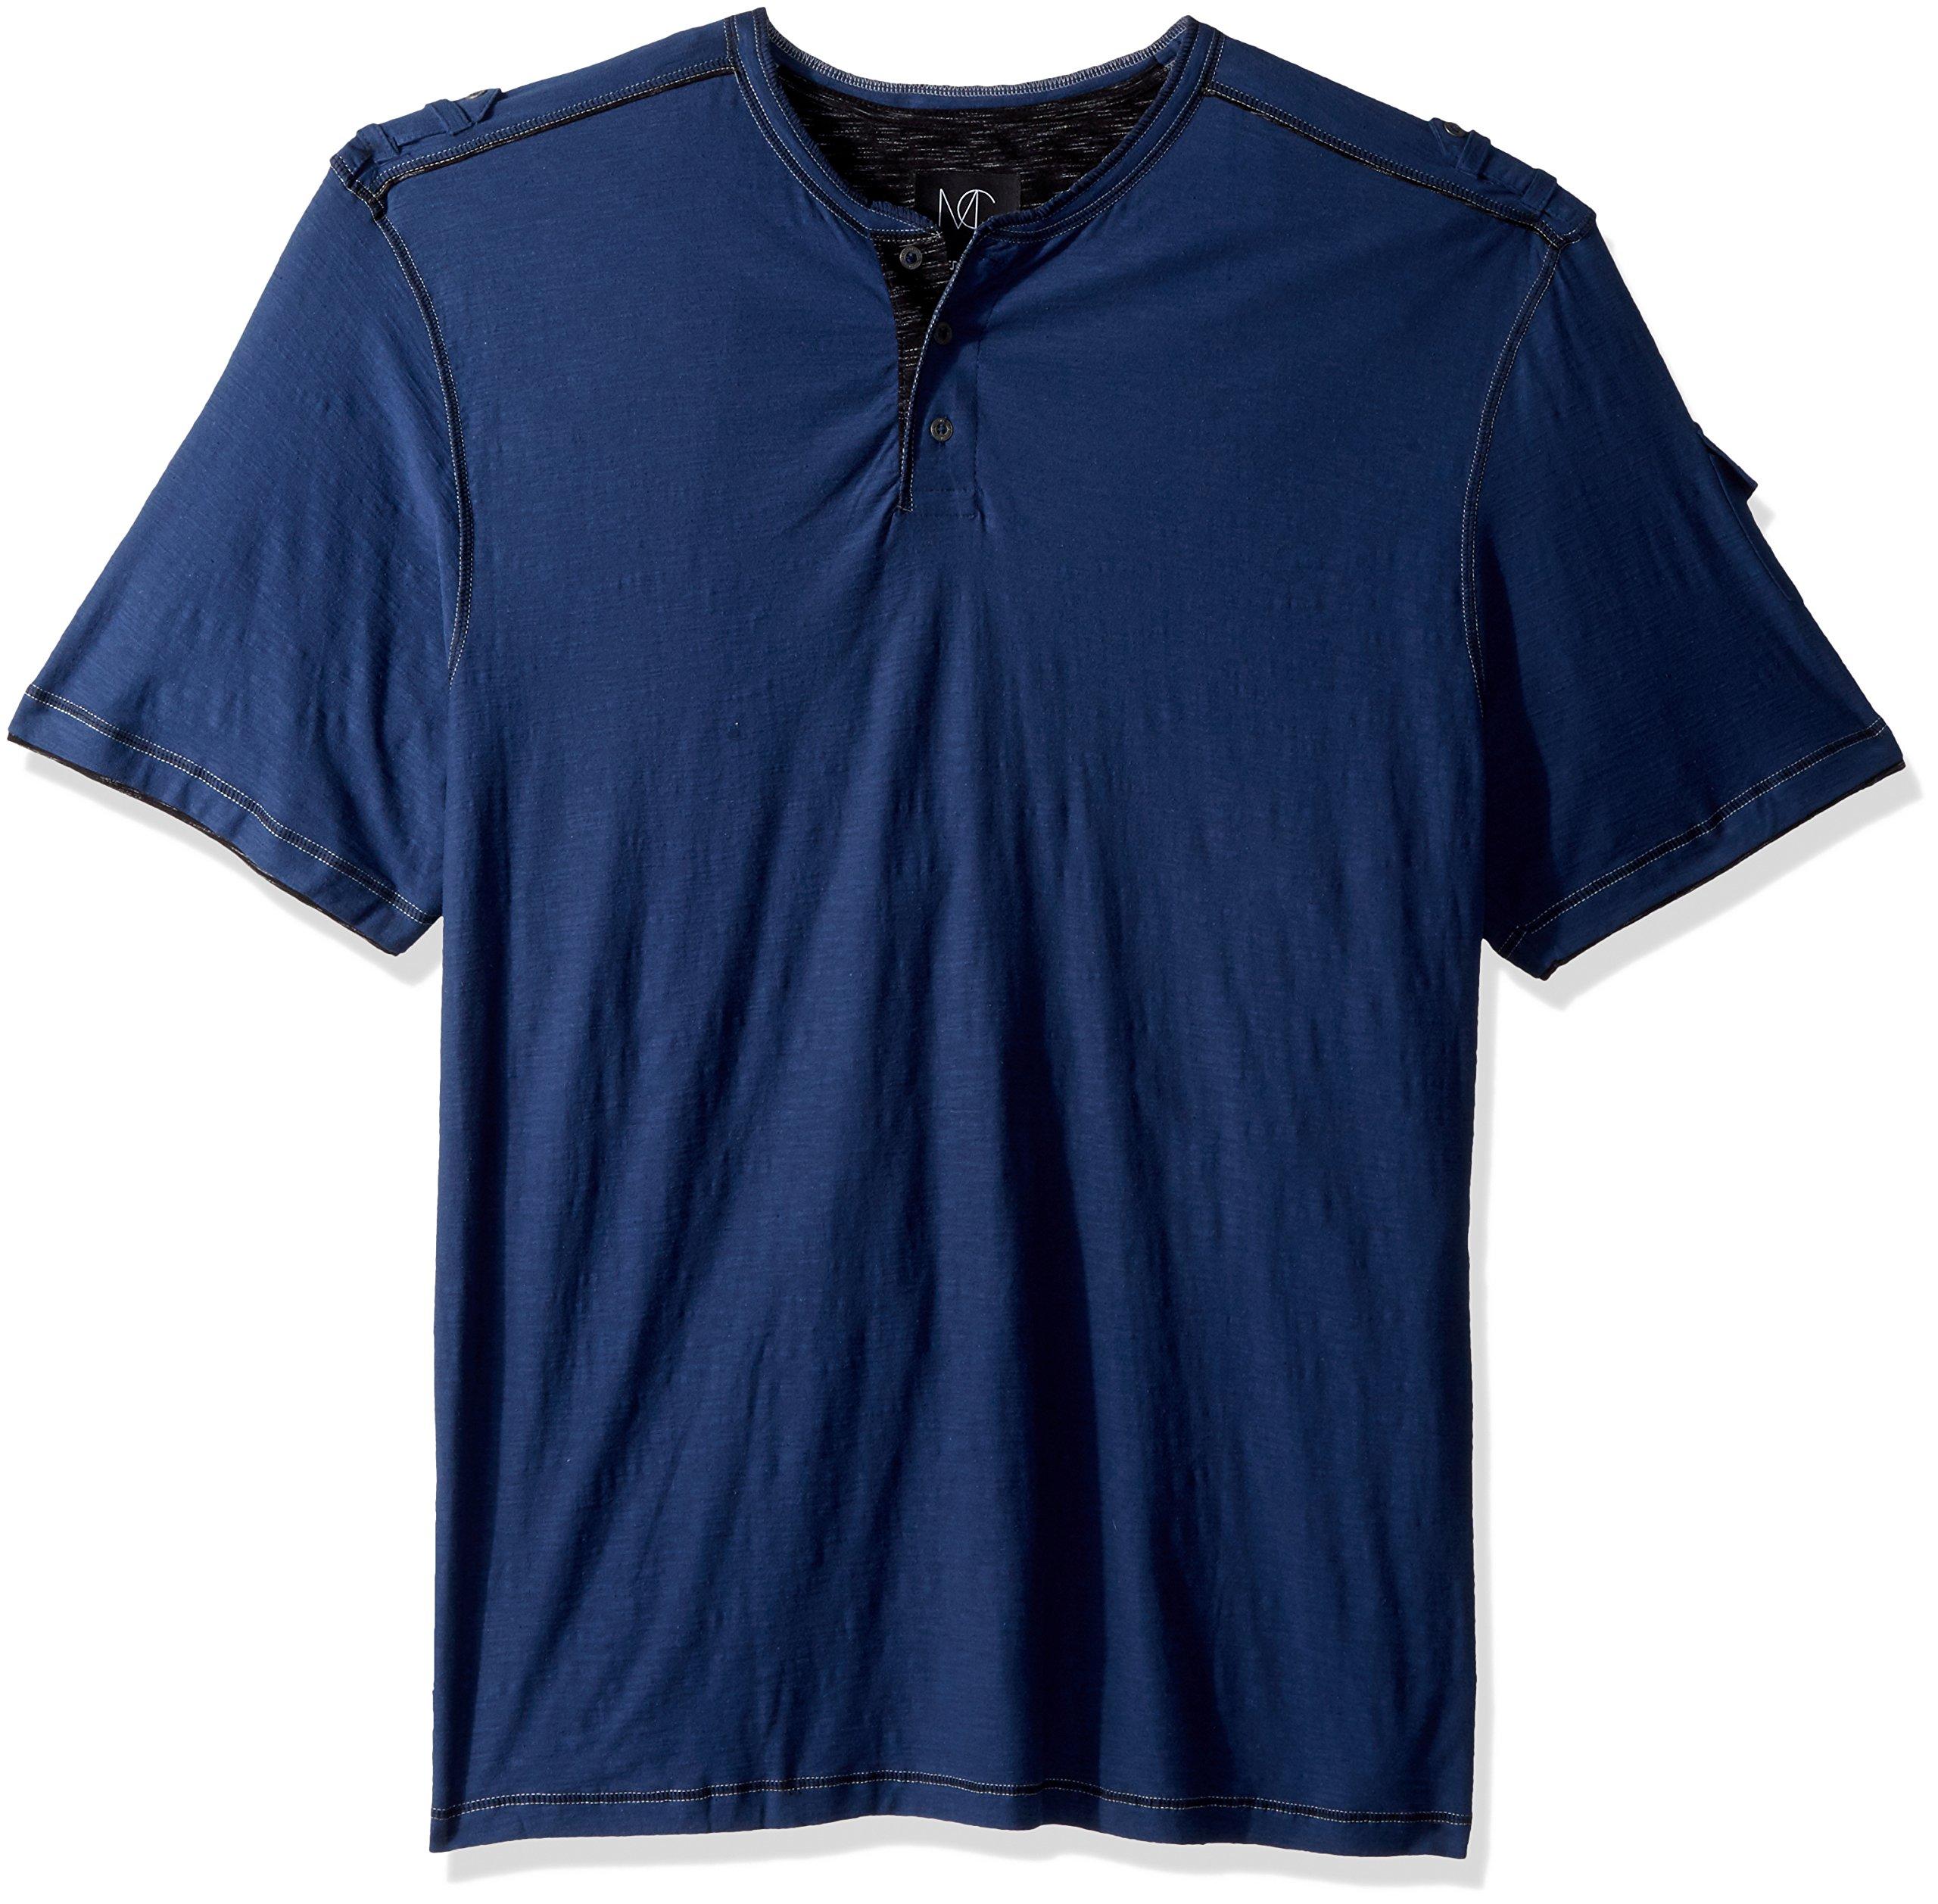 Modern Culture Men's Big and Tall Short Sleeve Henley Shirt, Ryker Indigo Blue, 4XB